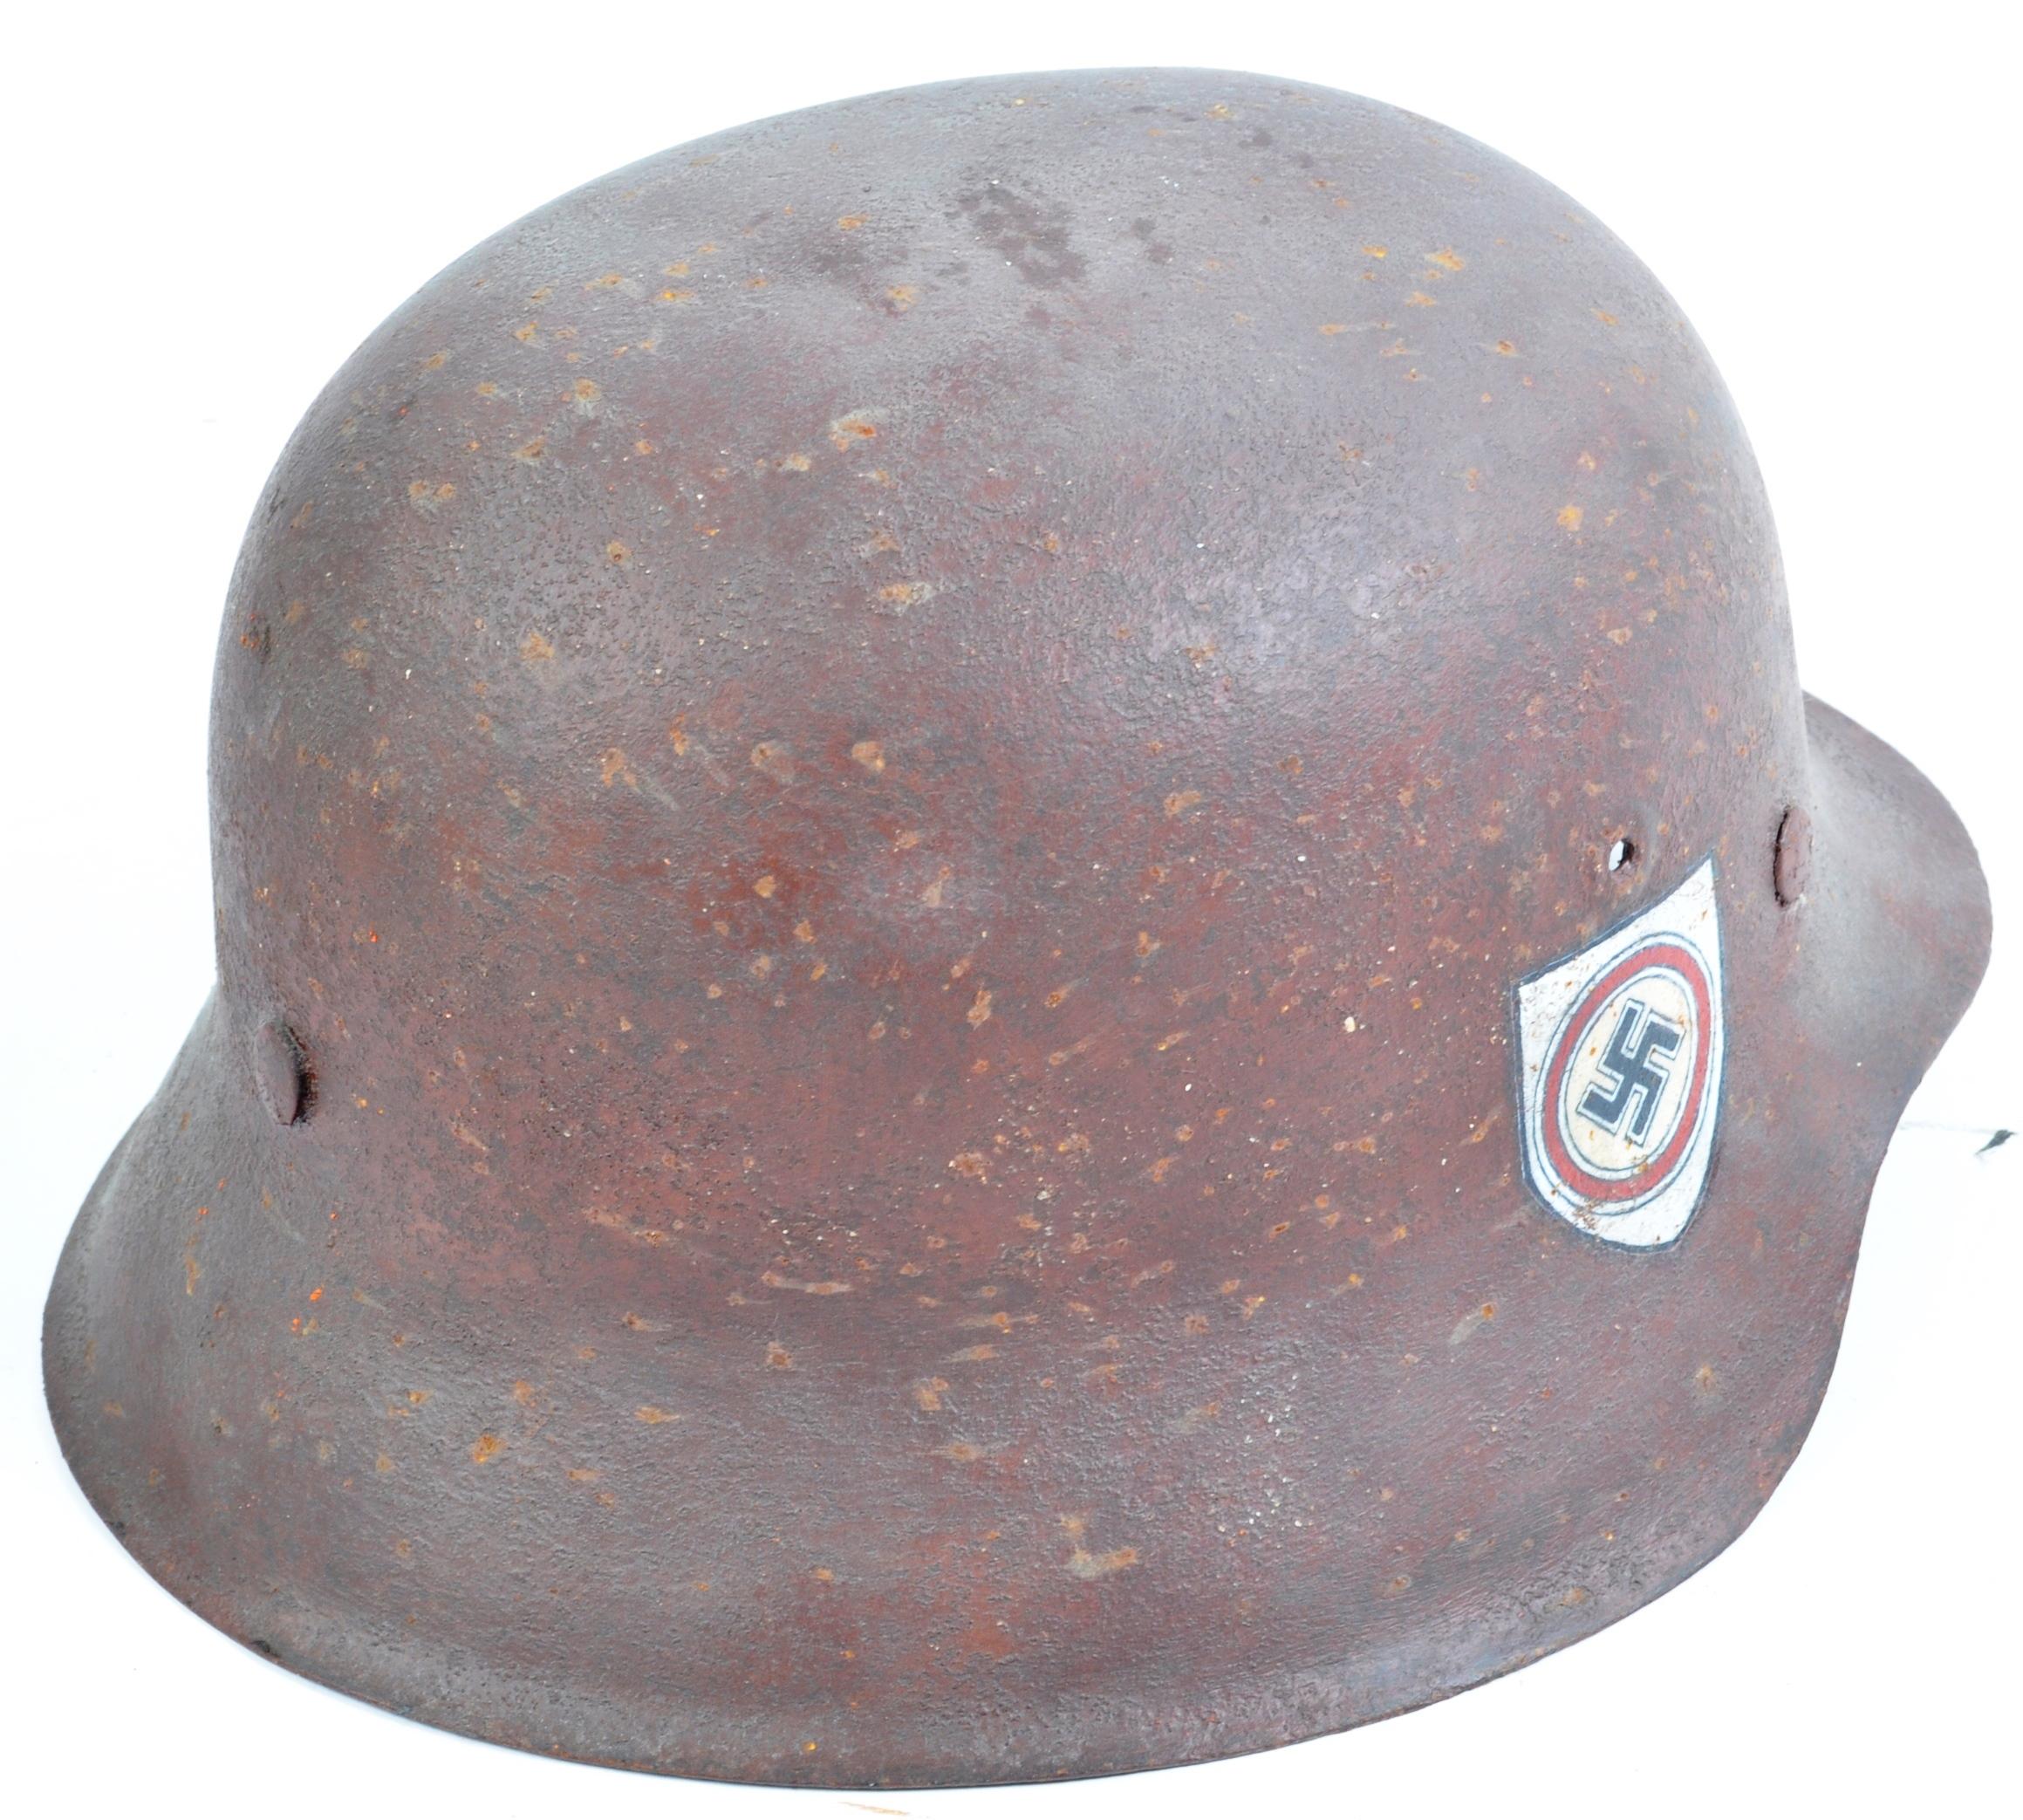 WWII SECOND WORLD WAR THIRD REICH NAZI M42 HELMET - Image 3 of 6